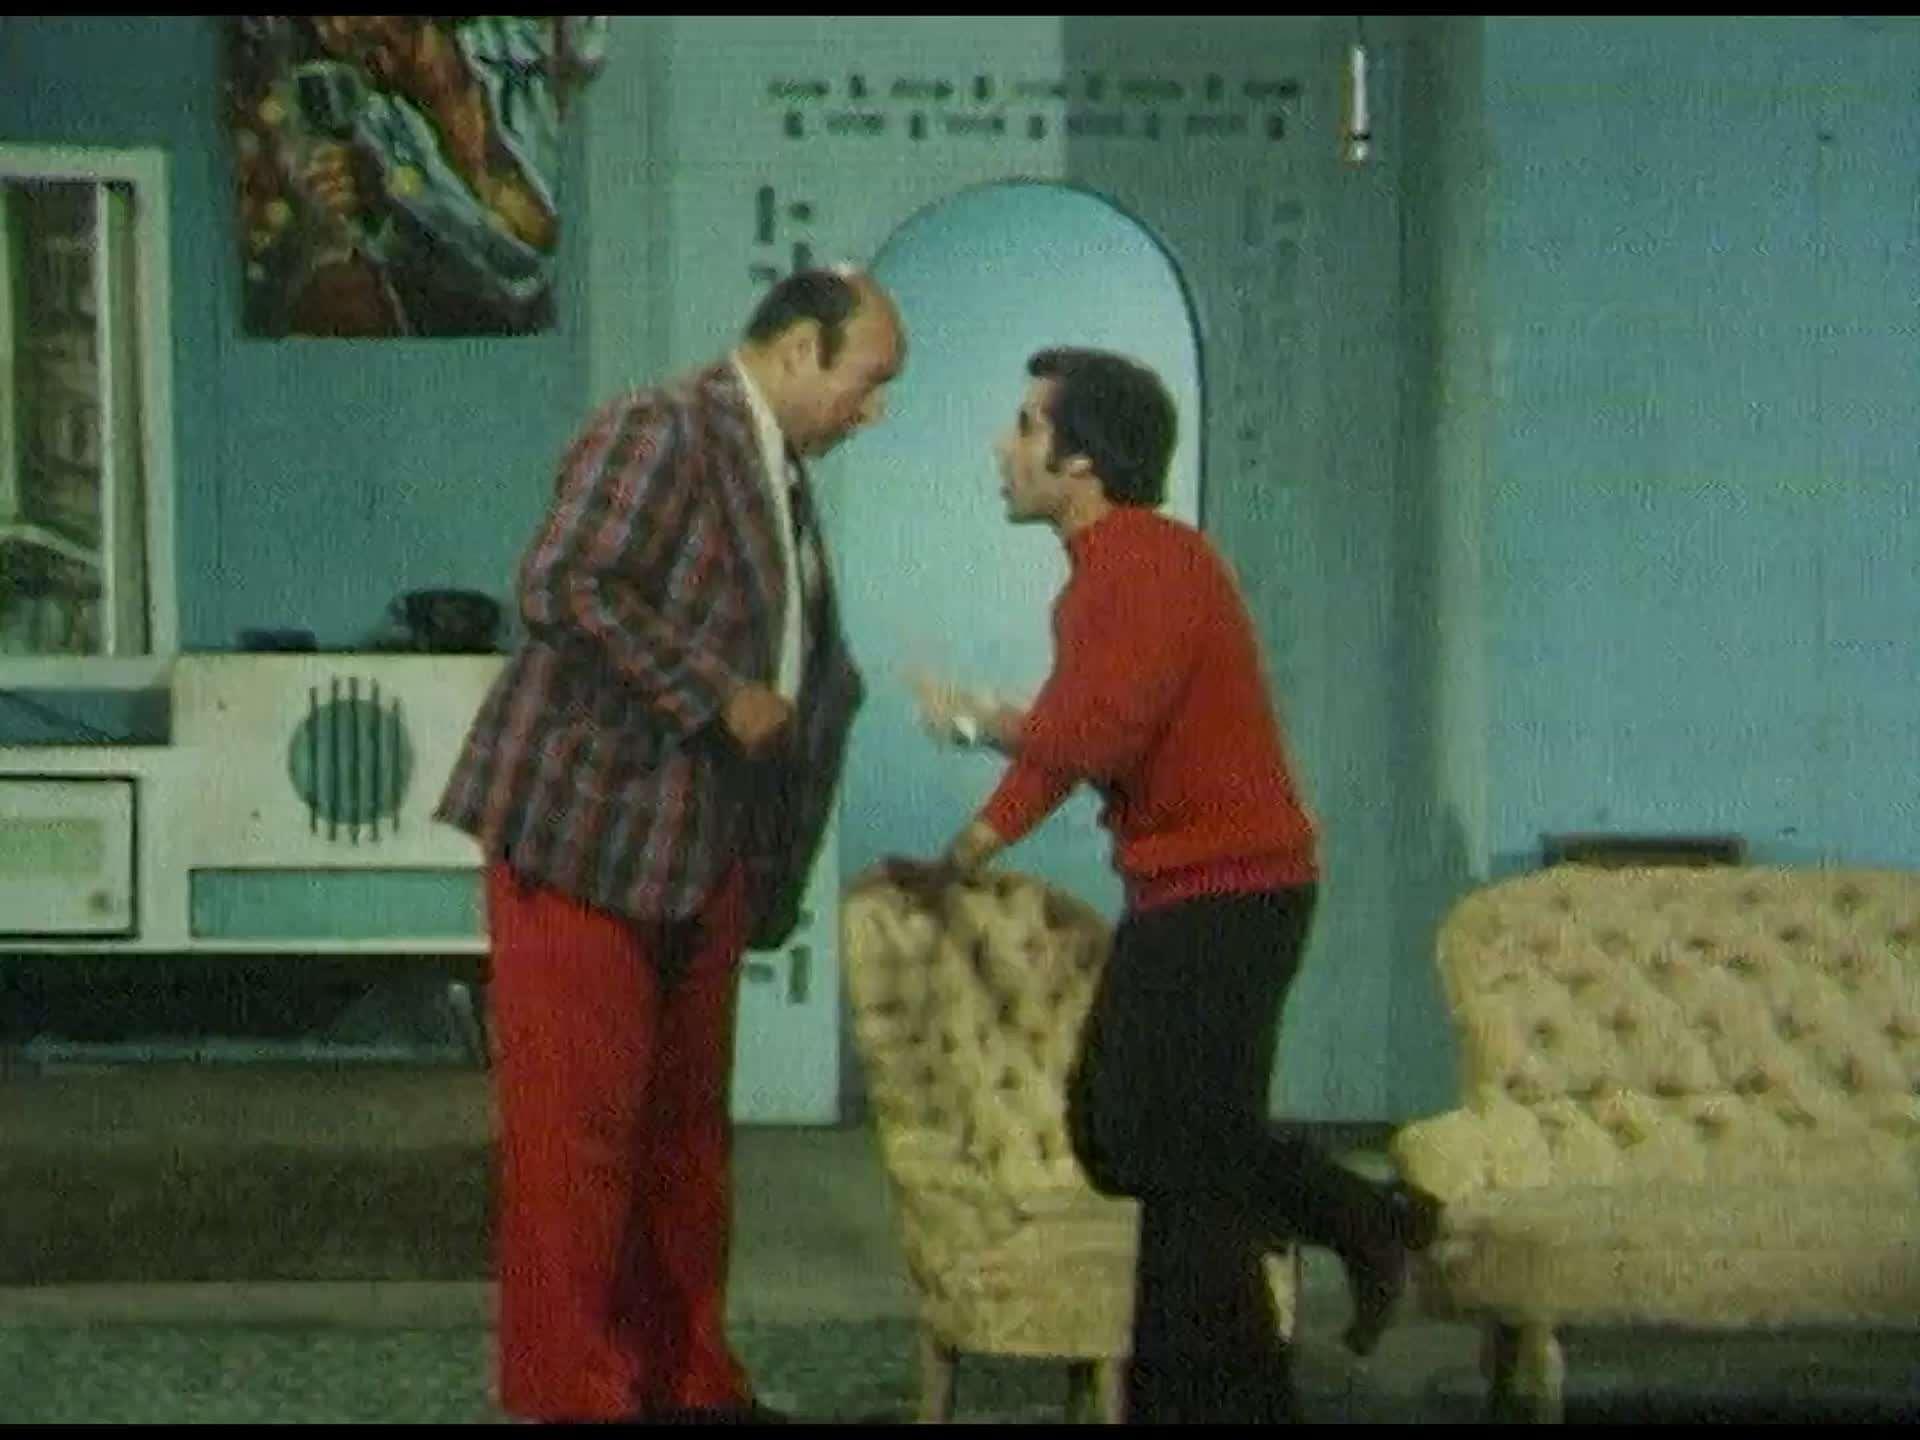 مسرحية لوليتا (1974) 1080p تحميل تورنت 10 arabp2p.com